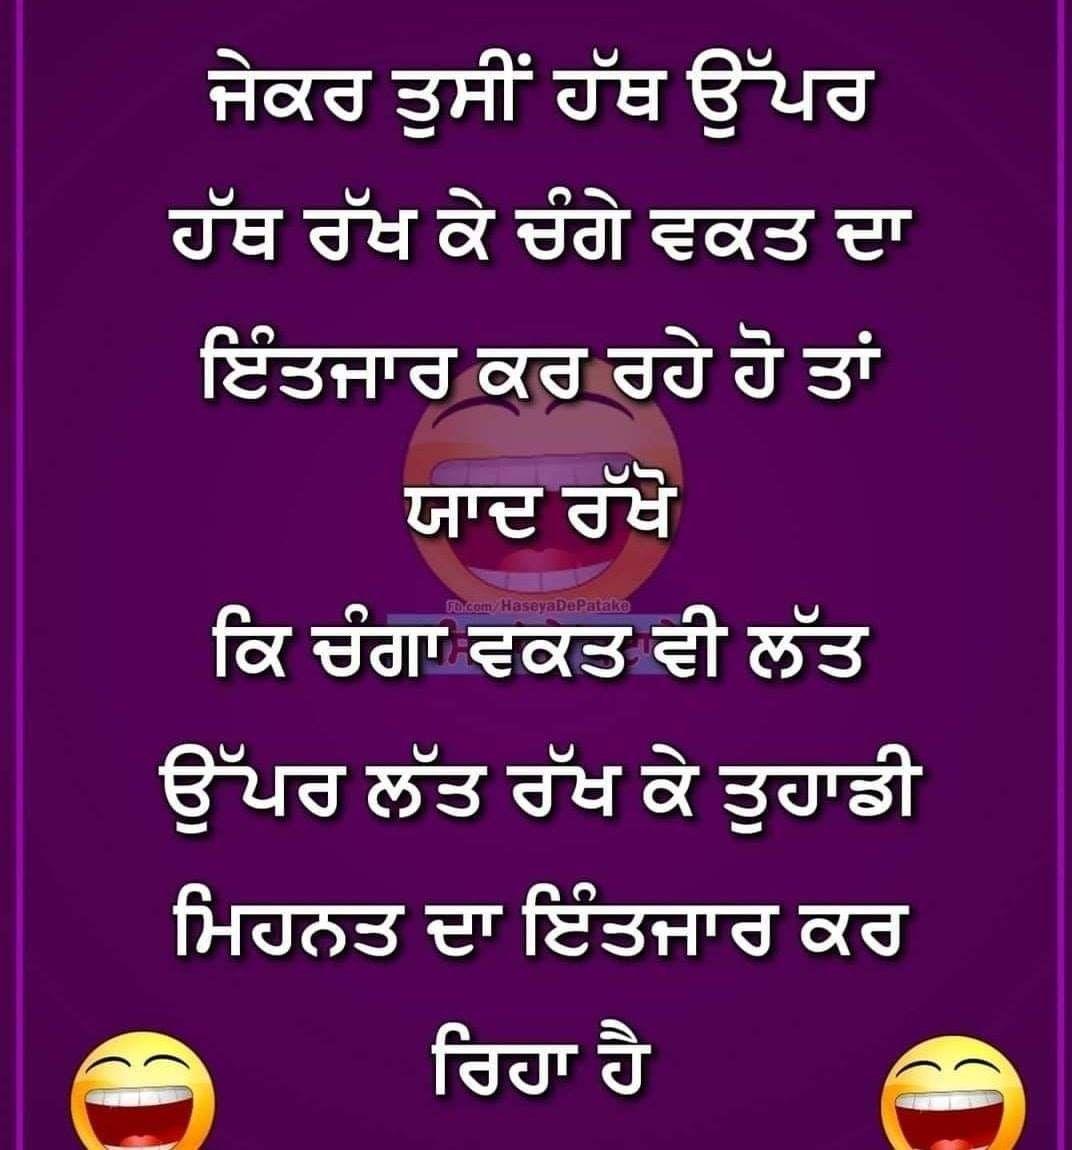 Pin By Punjabi Status On Punjabi Status Punjabi Quotes Punjabi Status Punjabi Ghaint Status [ 1150 x 1072 Pixel ]